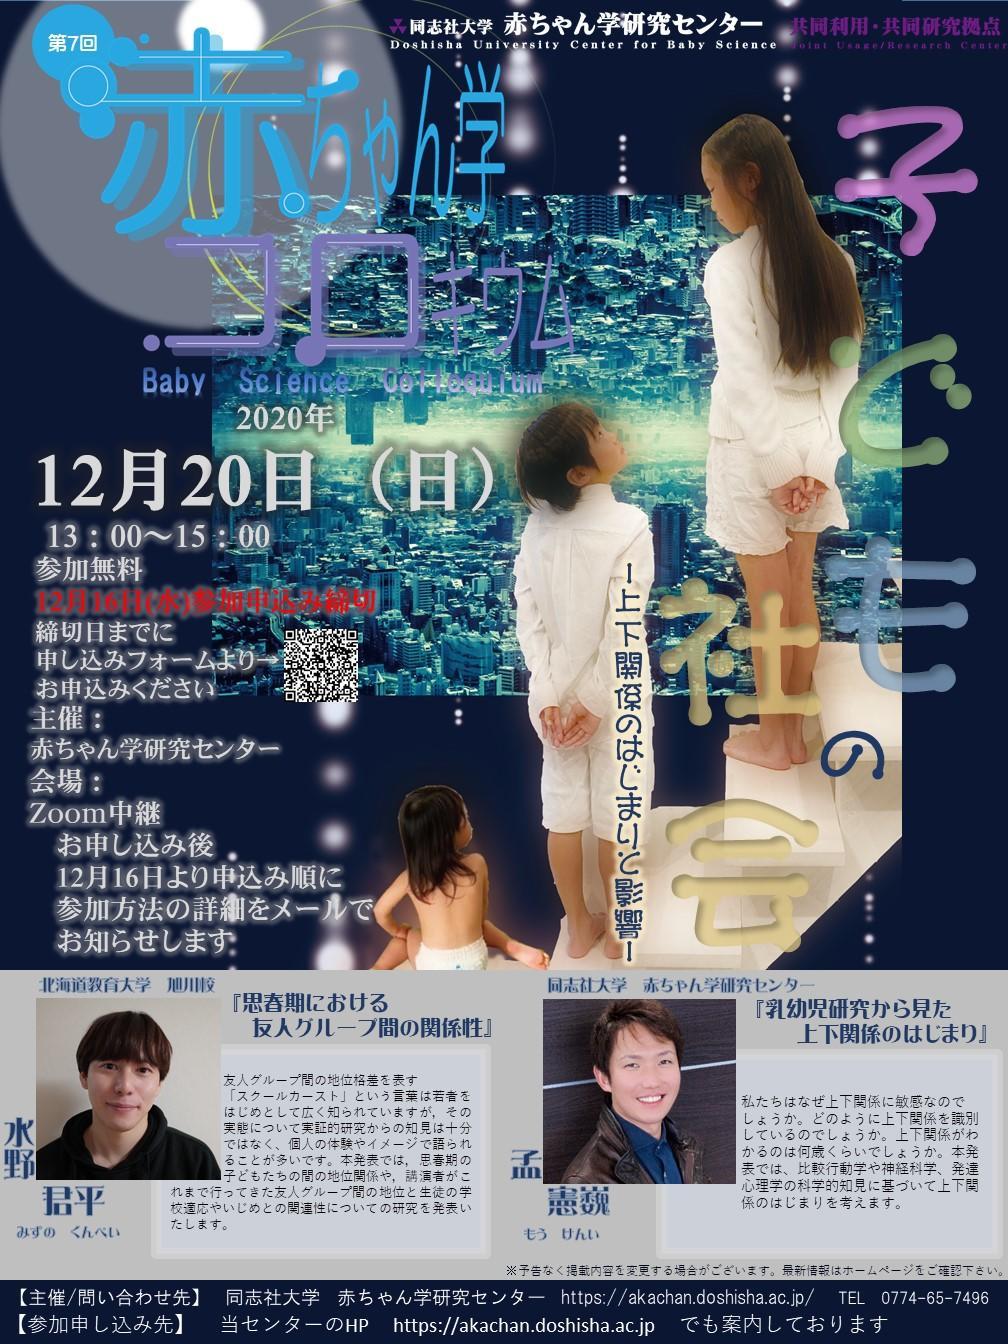 同志社大学赤ちゃん学研究センター 第7回赤ちゃん学コロキウム開催